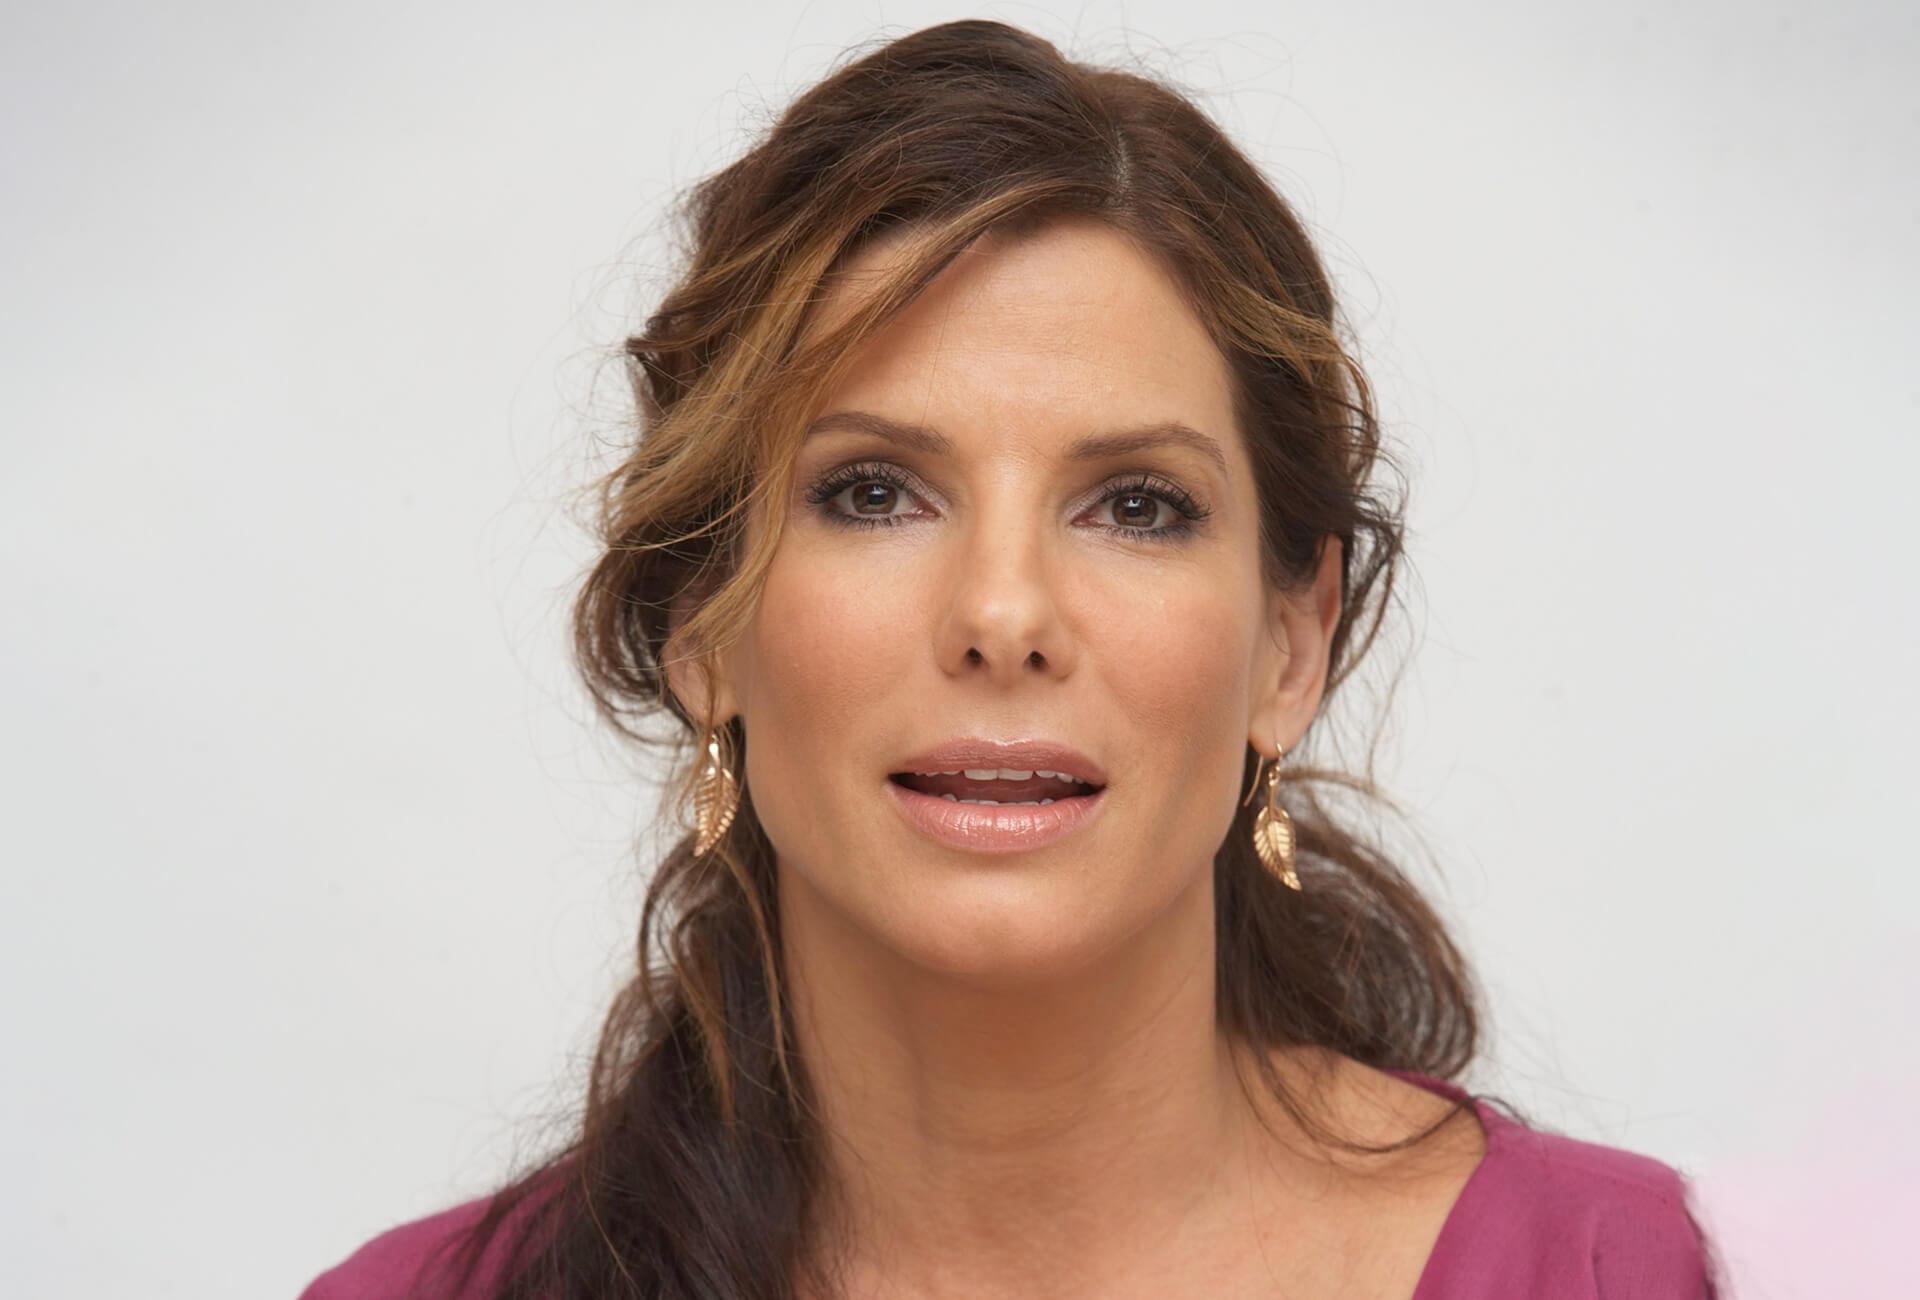 Sandra-Bullock-c.jpg&f=1&nofb=1